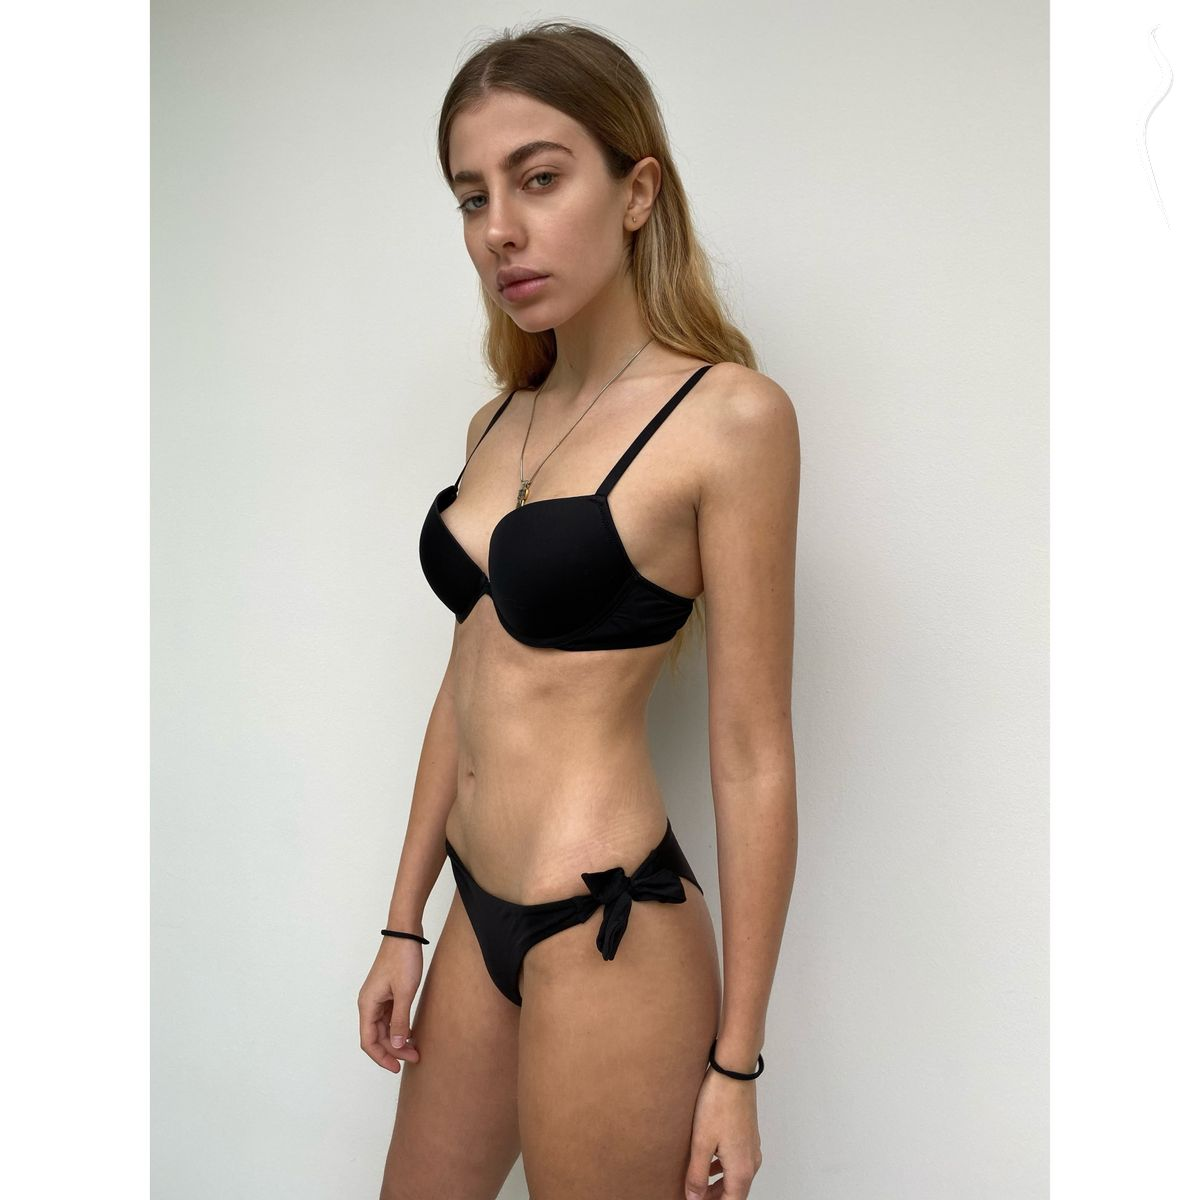 Ksenya model работа уфе для девушек